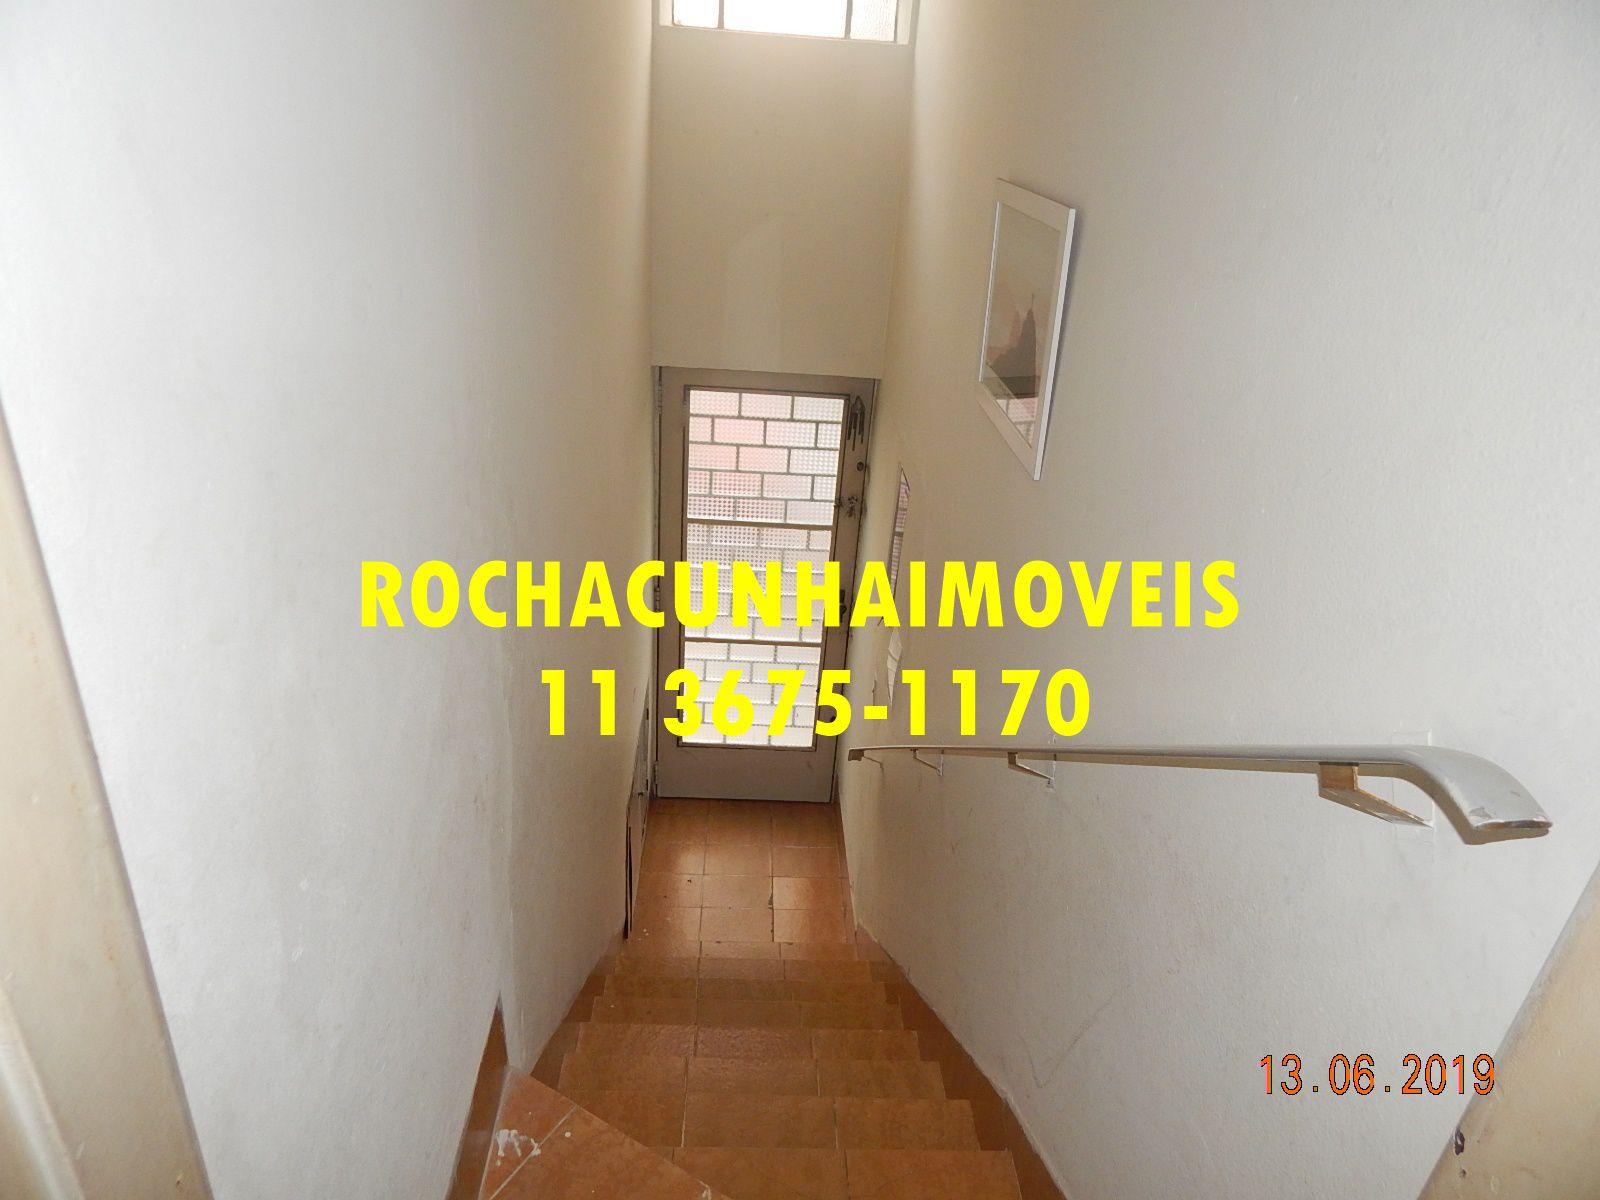 Casa À Venda - Perdizes - São Paulo - SP - CASAVENDE0002 - 5